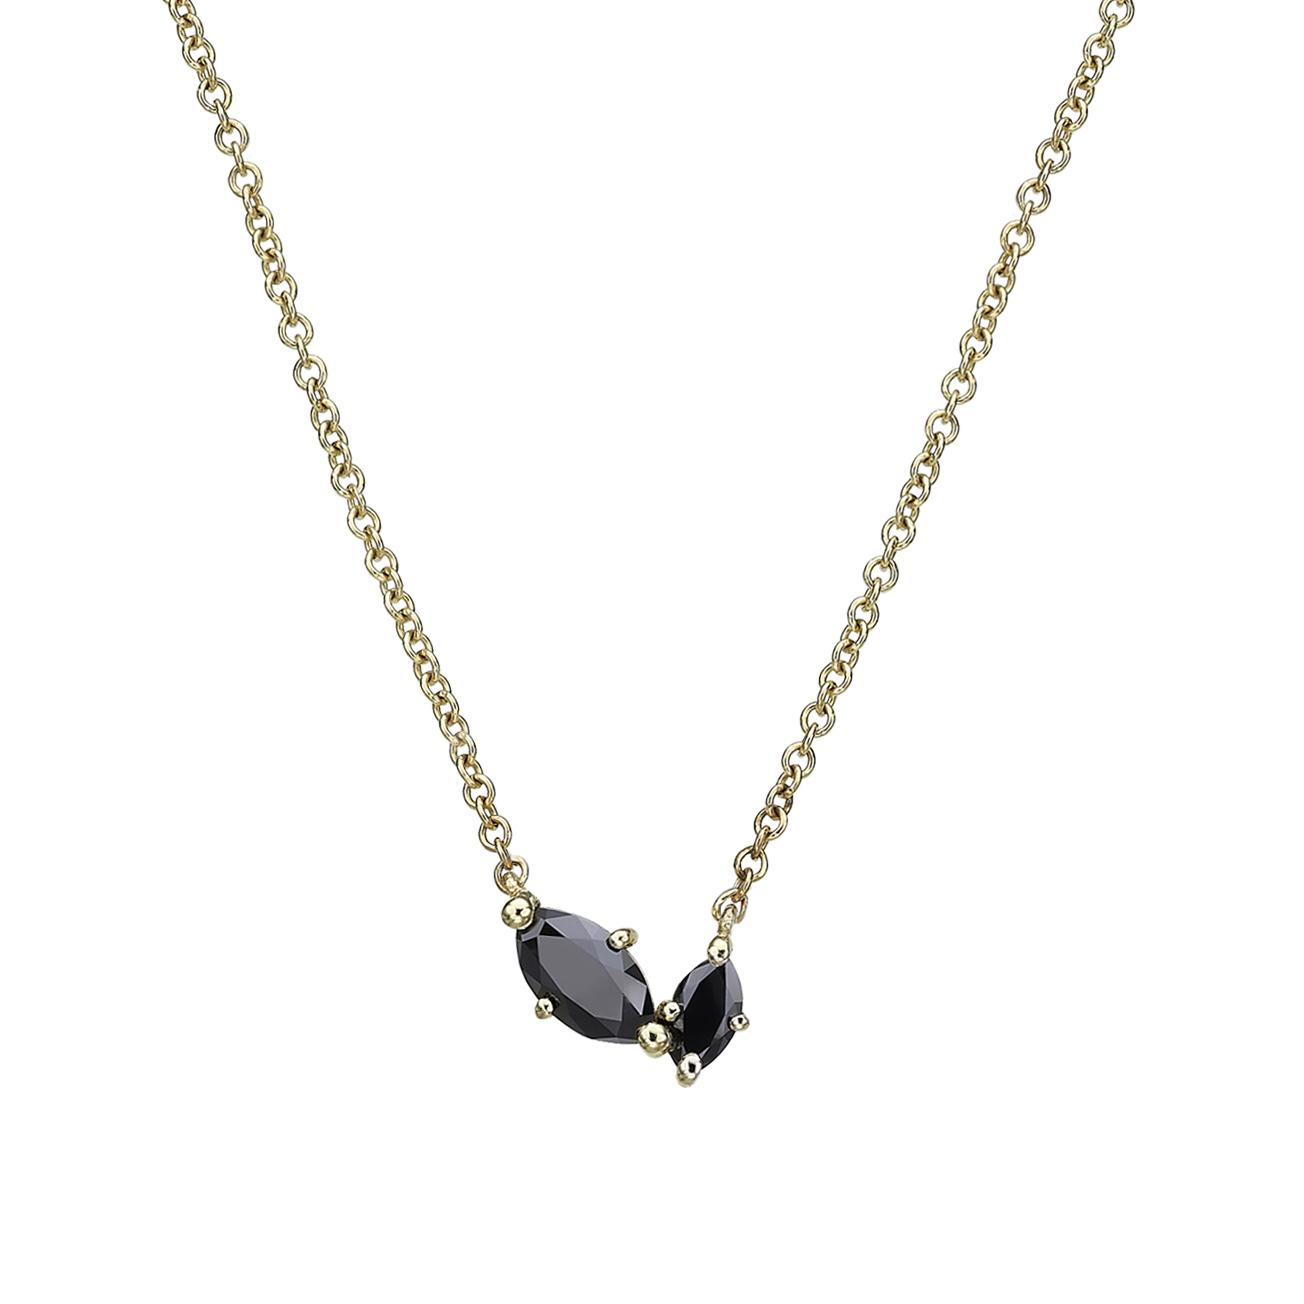 שרשרת זהב עדינה  בשיבוץ שני יהלומים שחורים בחיתוך מרקיזה בגדלים שונים